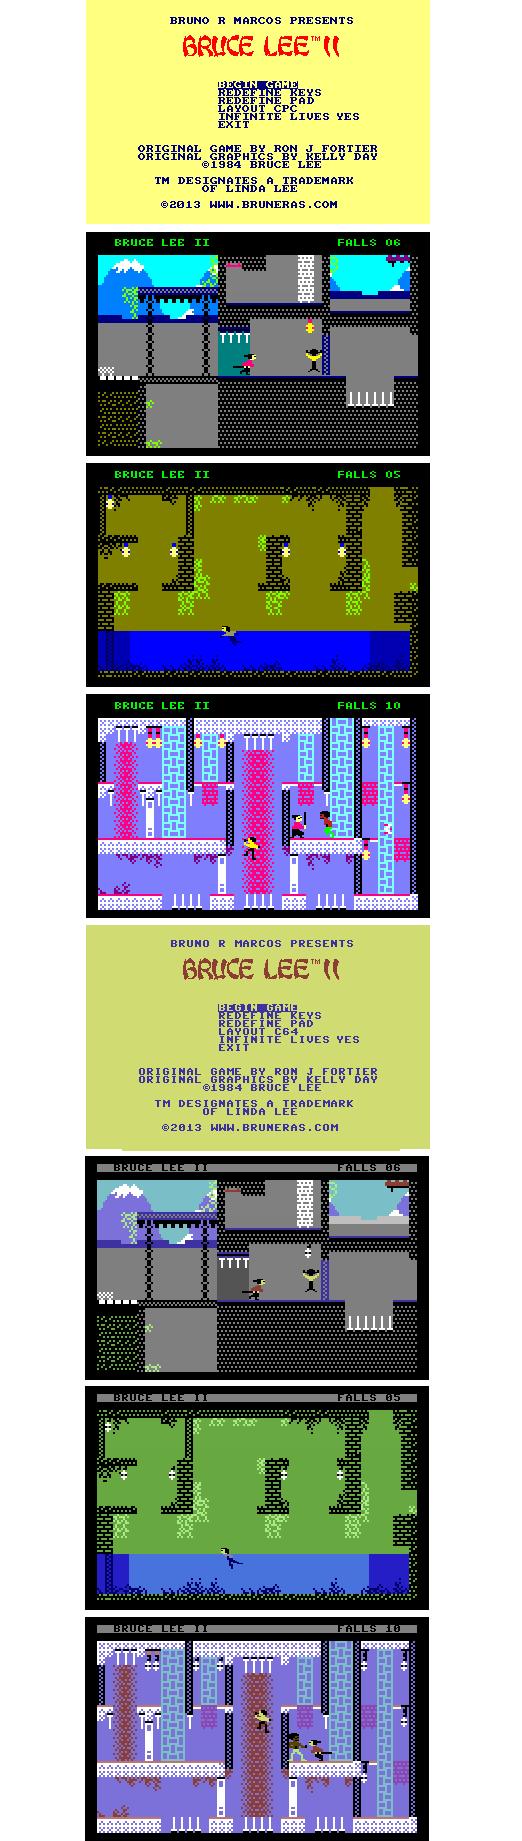 gallery bruce2 - Bruce Lee II, la suite du jeu micro de 1984